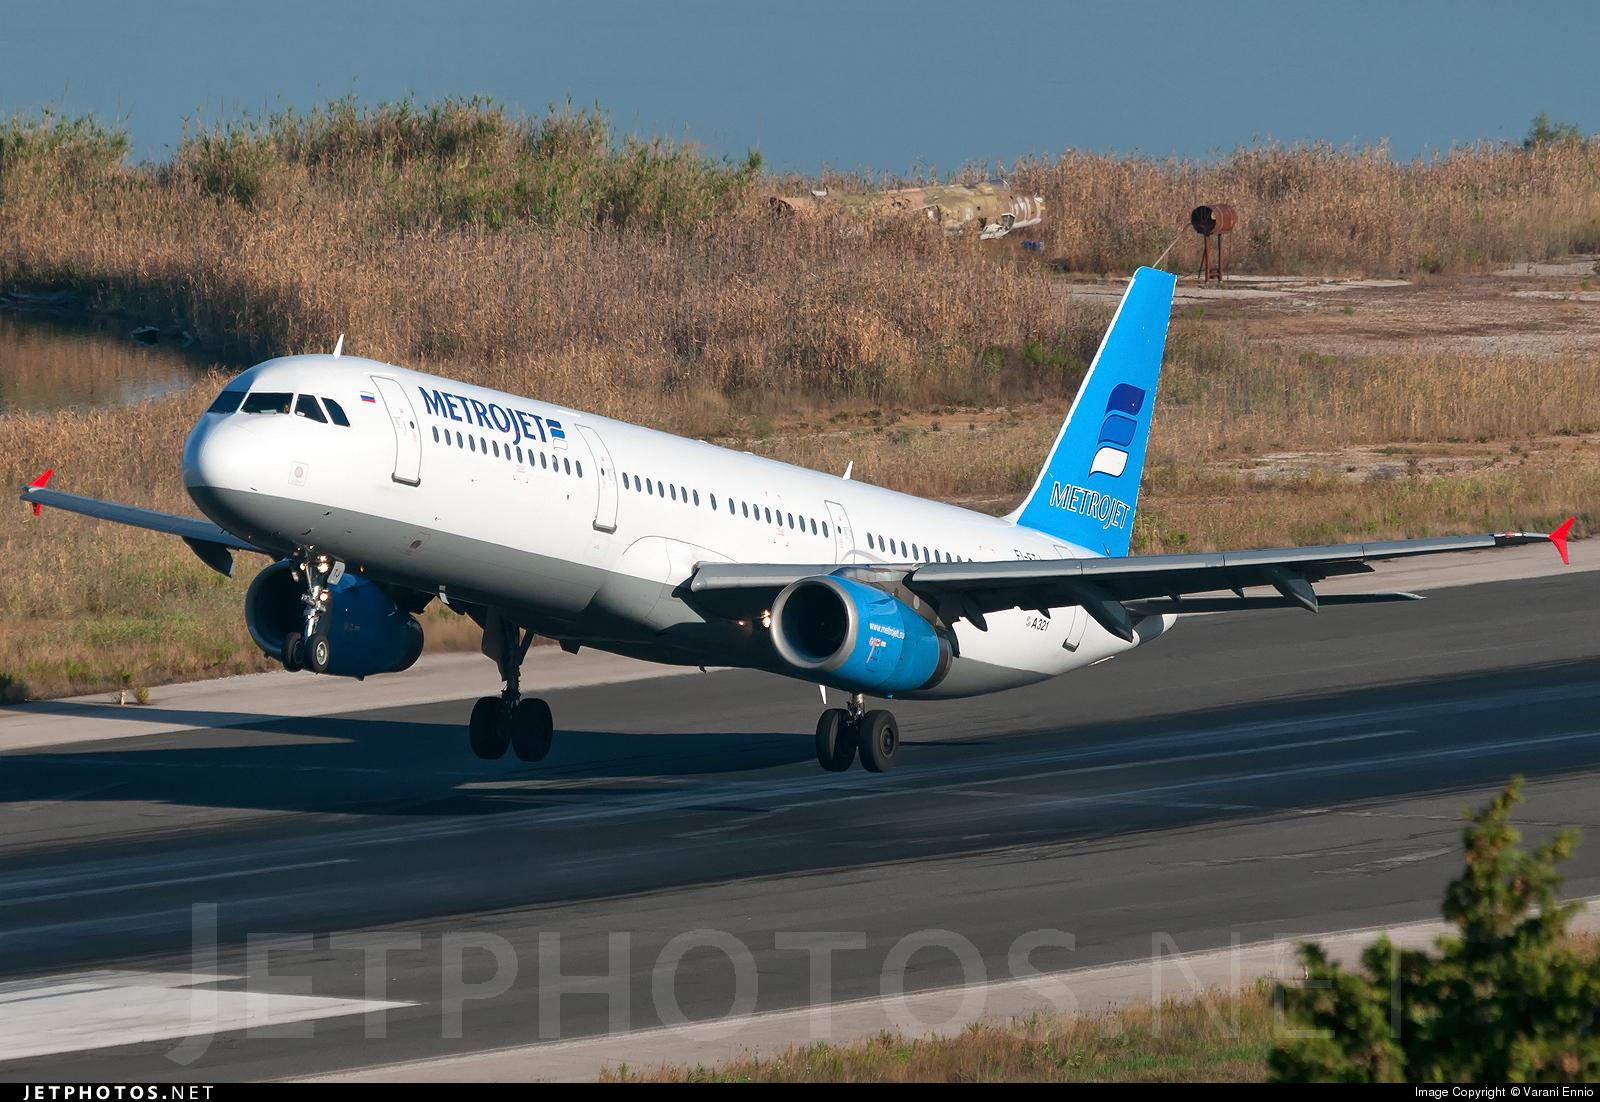 一架载224人的俄罗斯客机坠毁莫斯科时间10月31日中午11点,俄罗斯航空委员会确定,从埃及沙姆沙伊赫直飞圣 今日热闻 115社区